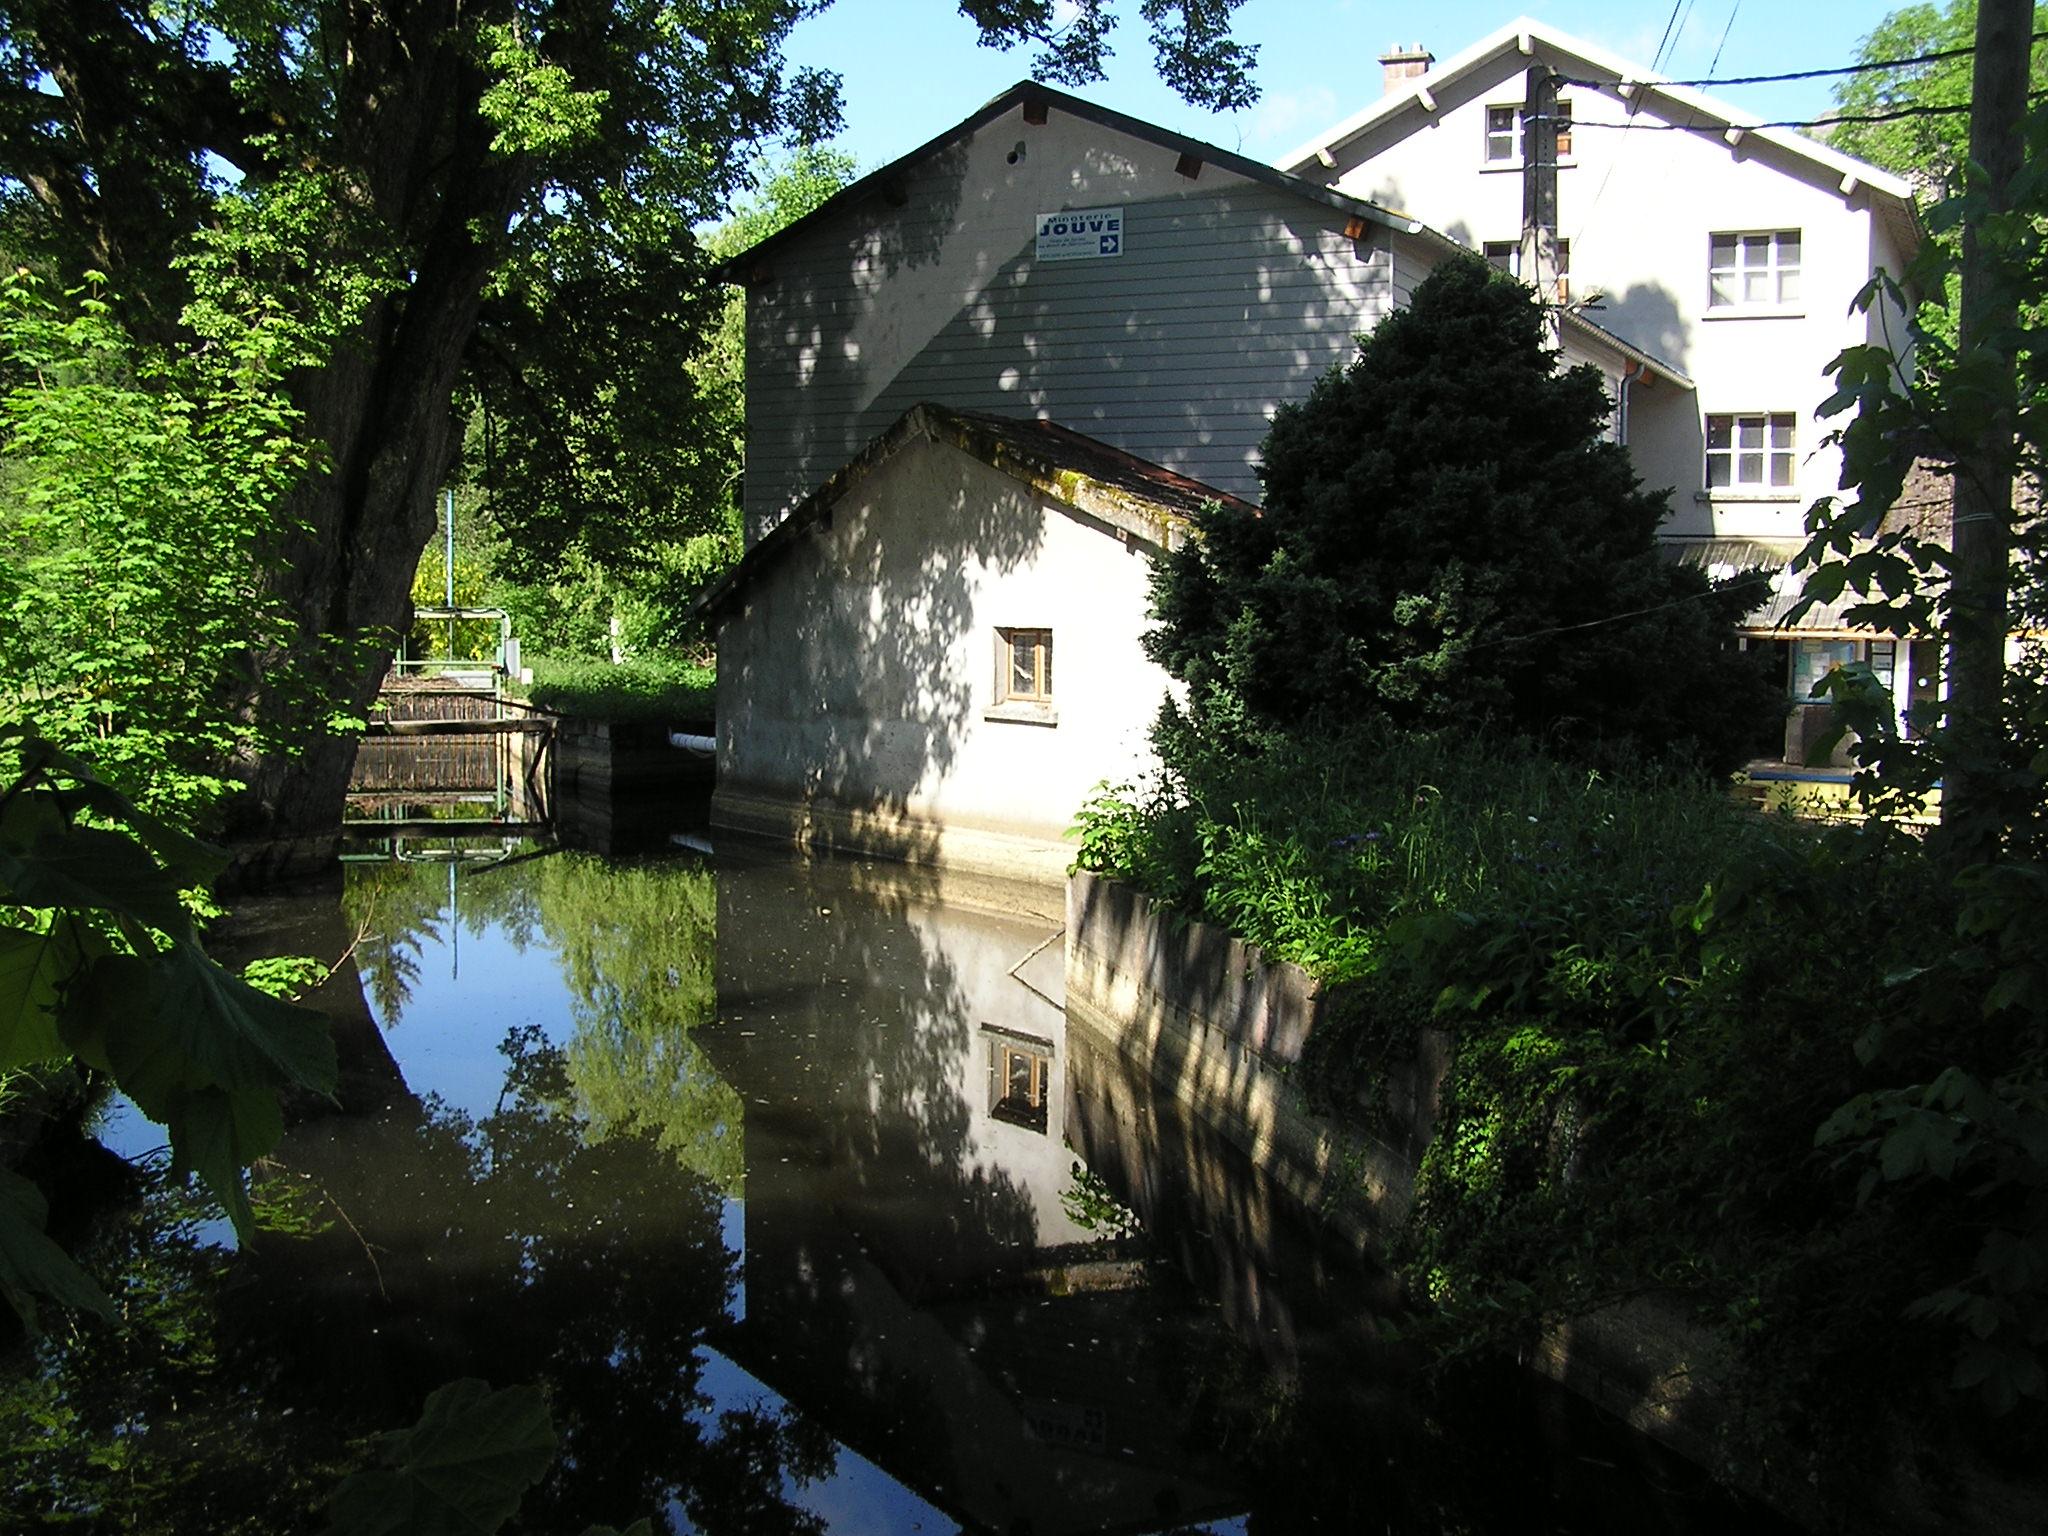 Le moulin du lignon office de tourisme du haut lignon - Office de tourisme moulins ...